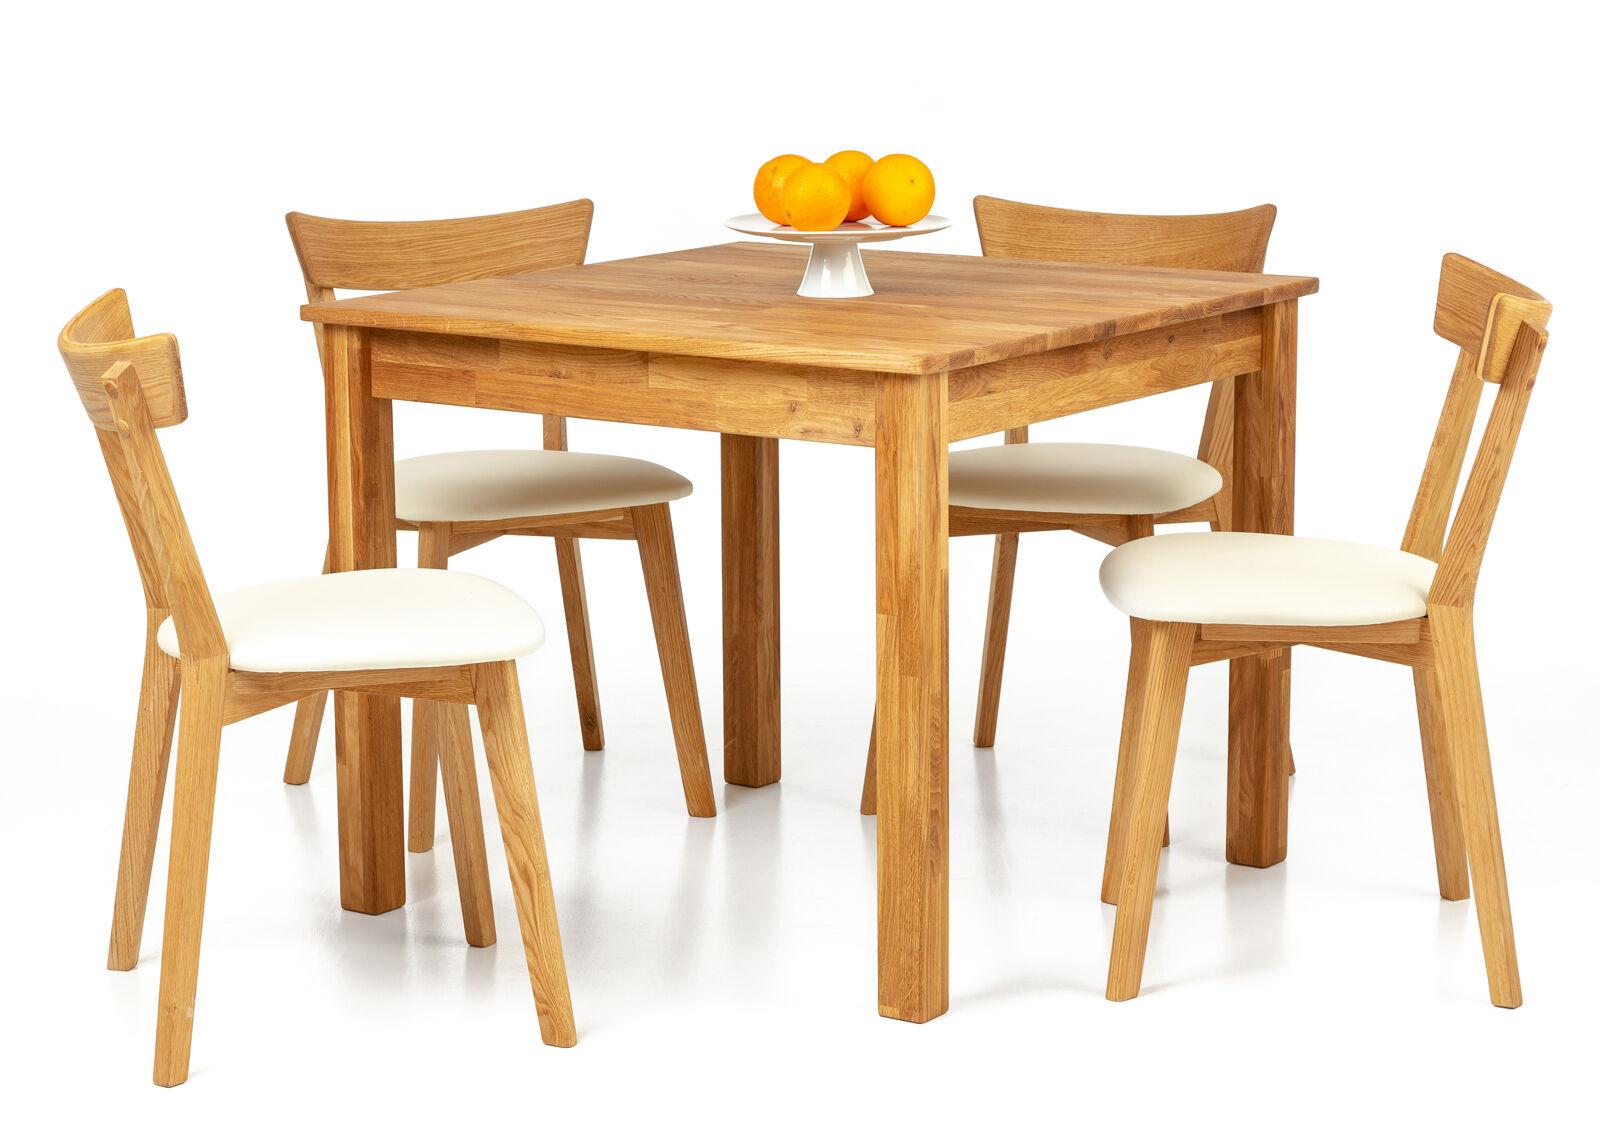 Lem Tammi ruokapöytä Lem 90x90 cm + 2 tuolia Viola beige